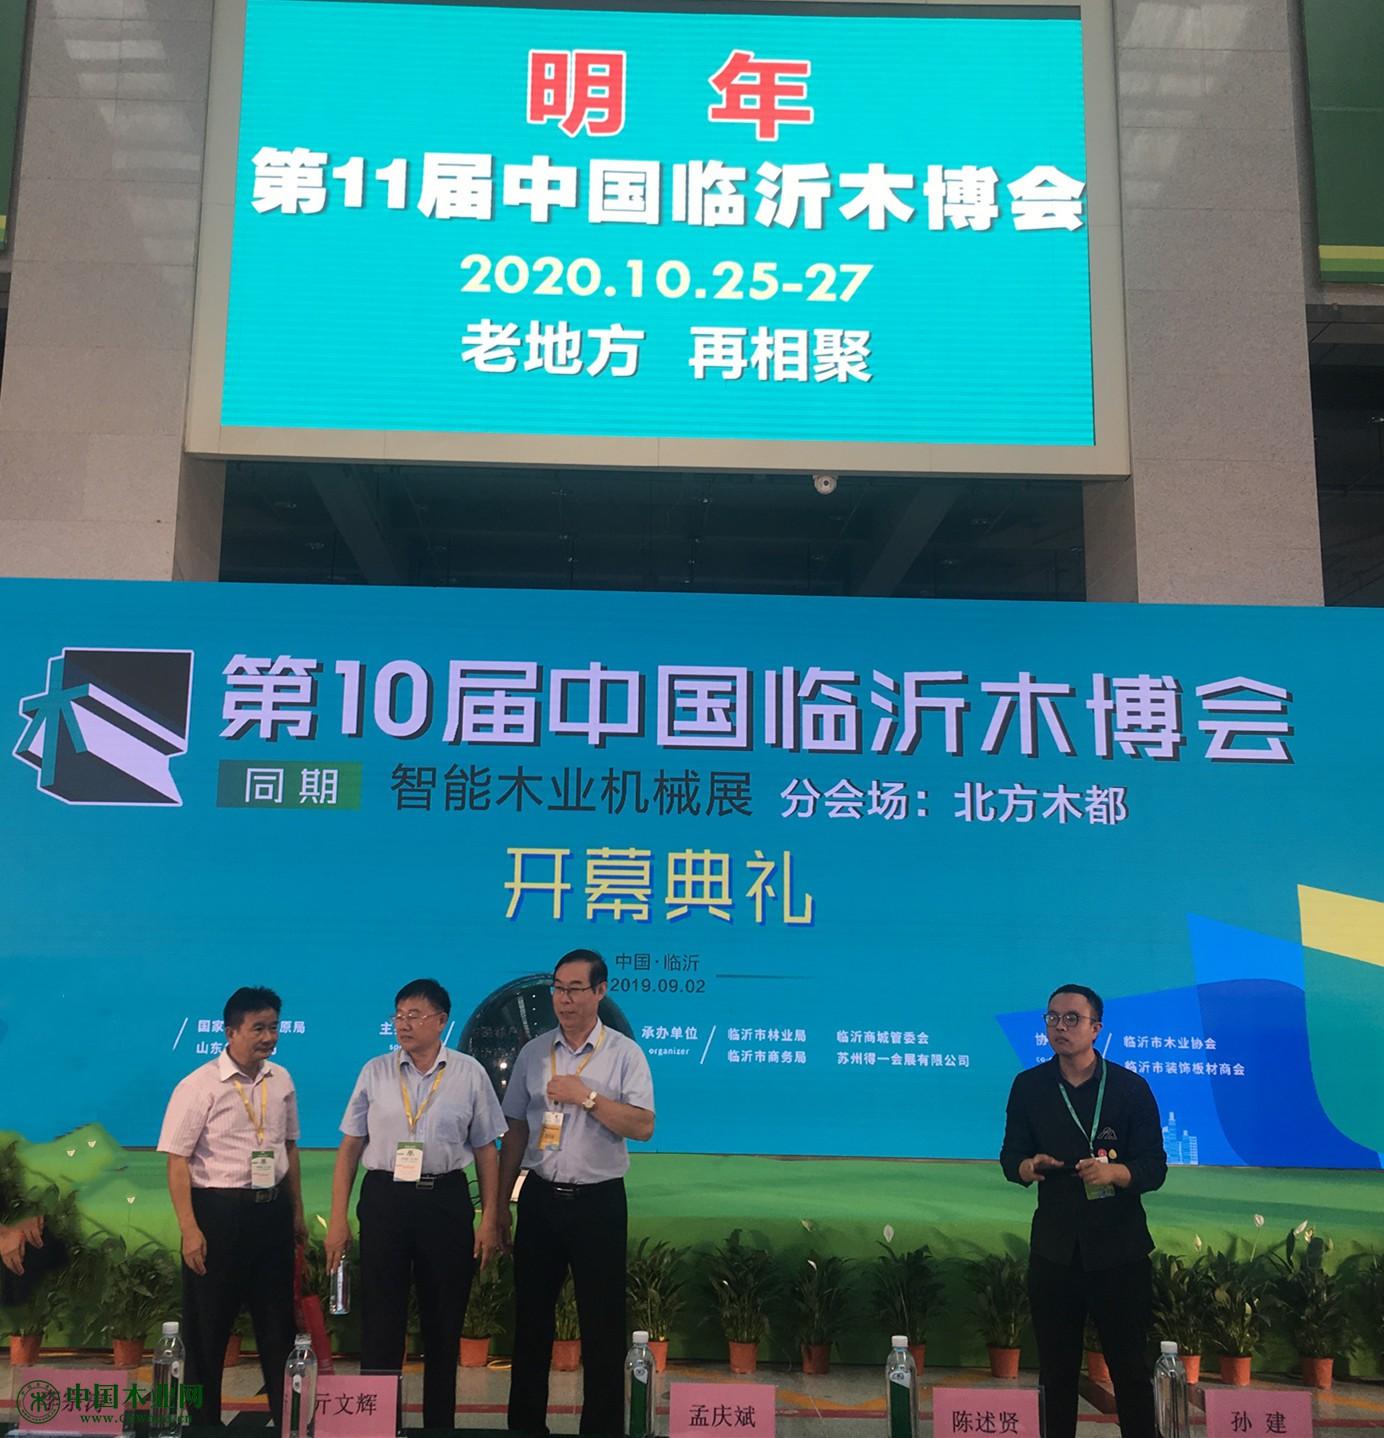 直击临沂木博会 中国木业网在现场